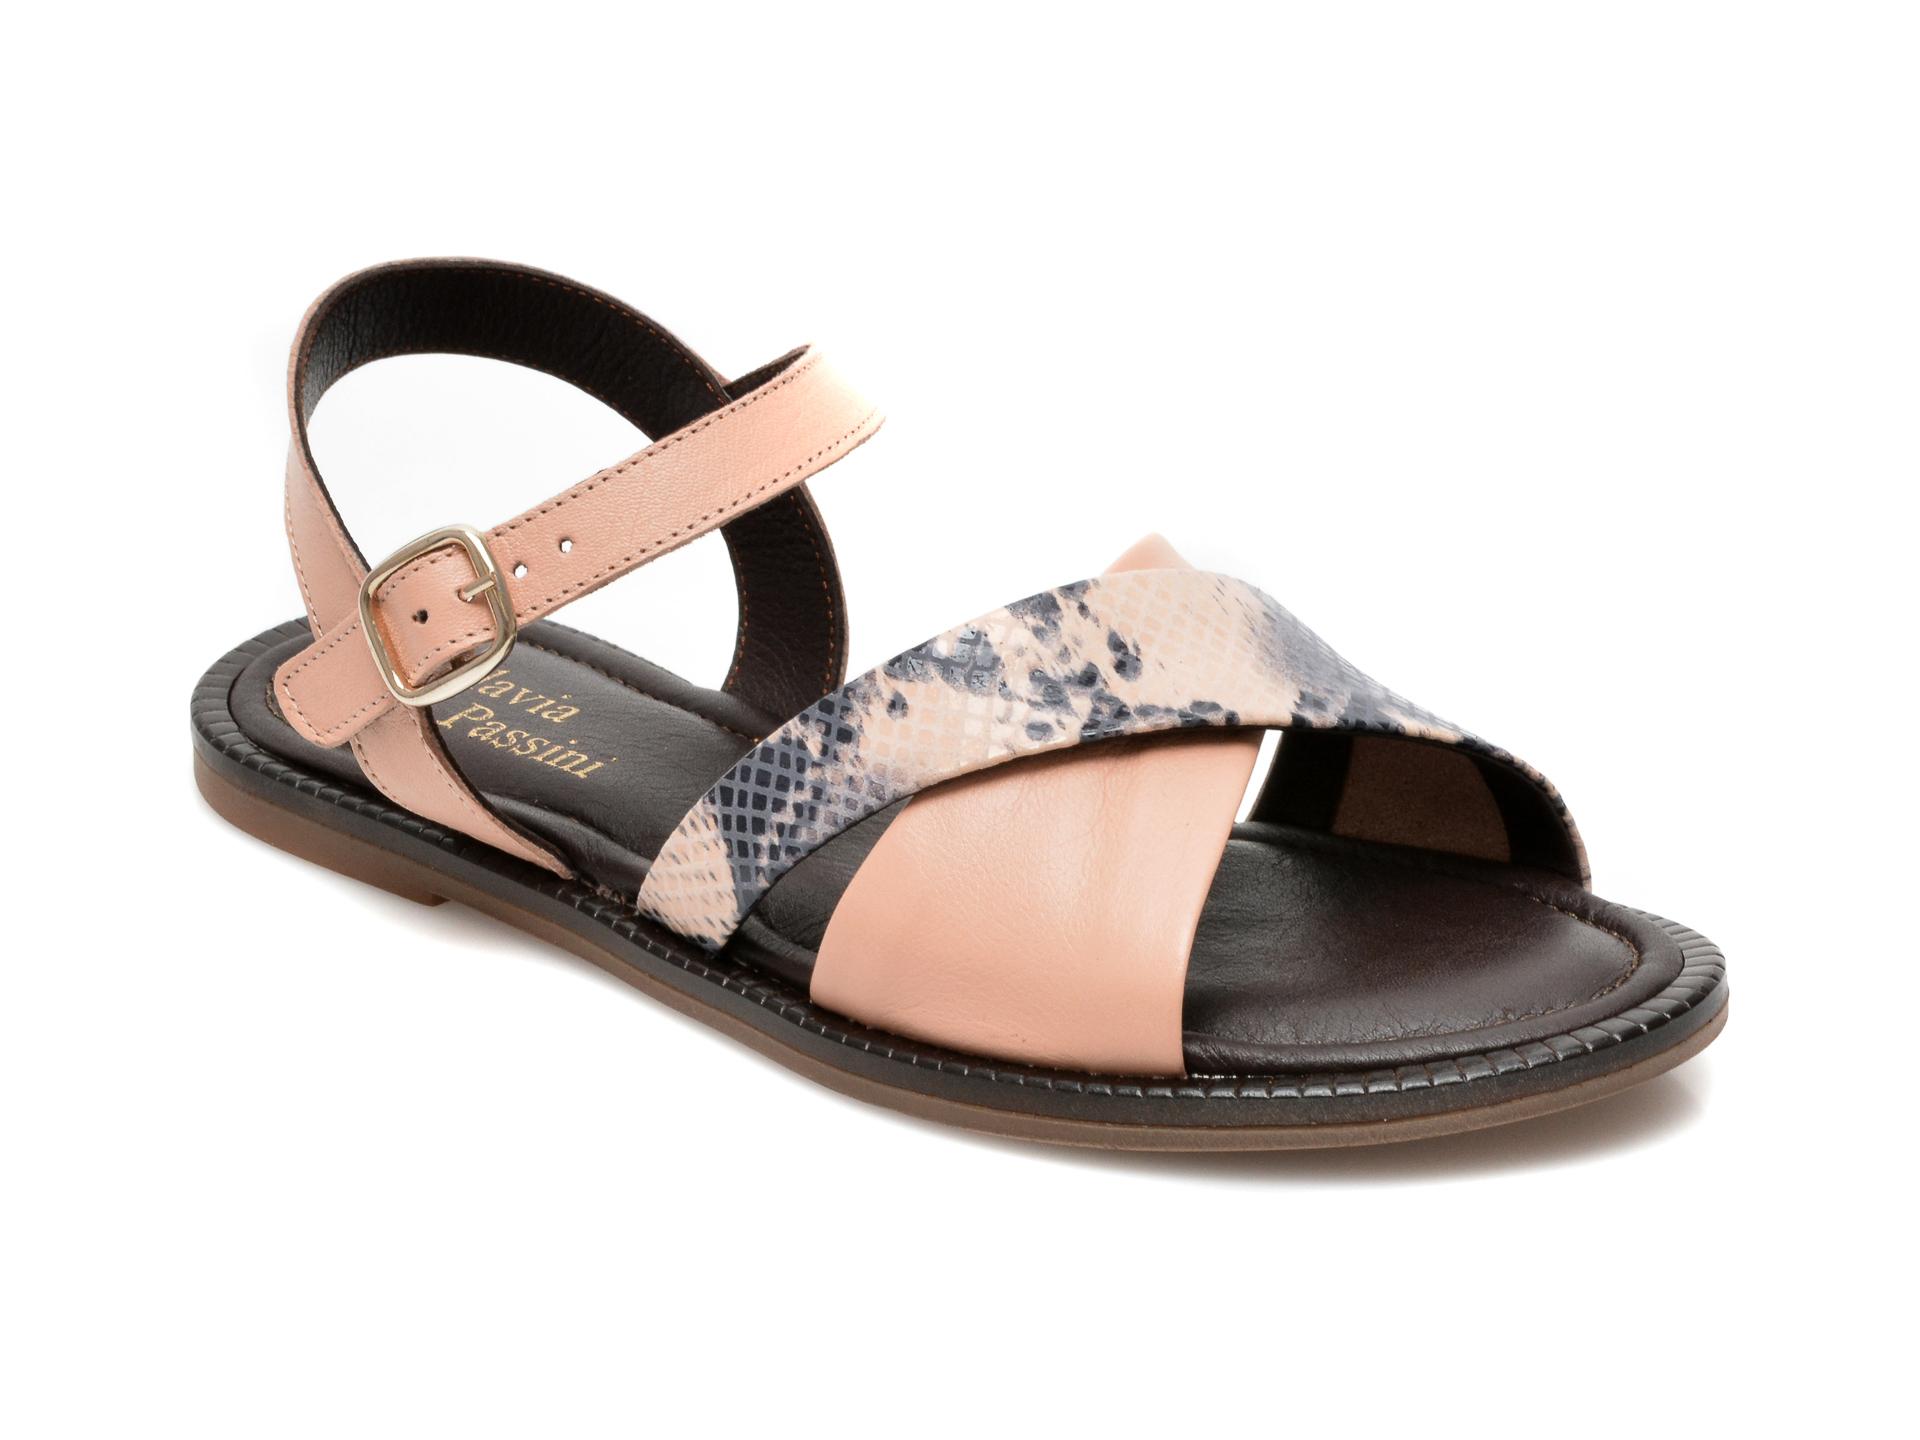 Sandale FLAVIA PASSINI nude, 057JURD, din piele naturala